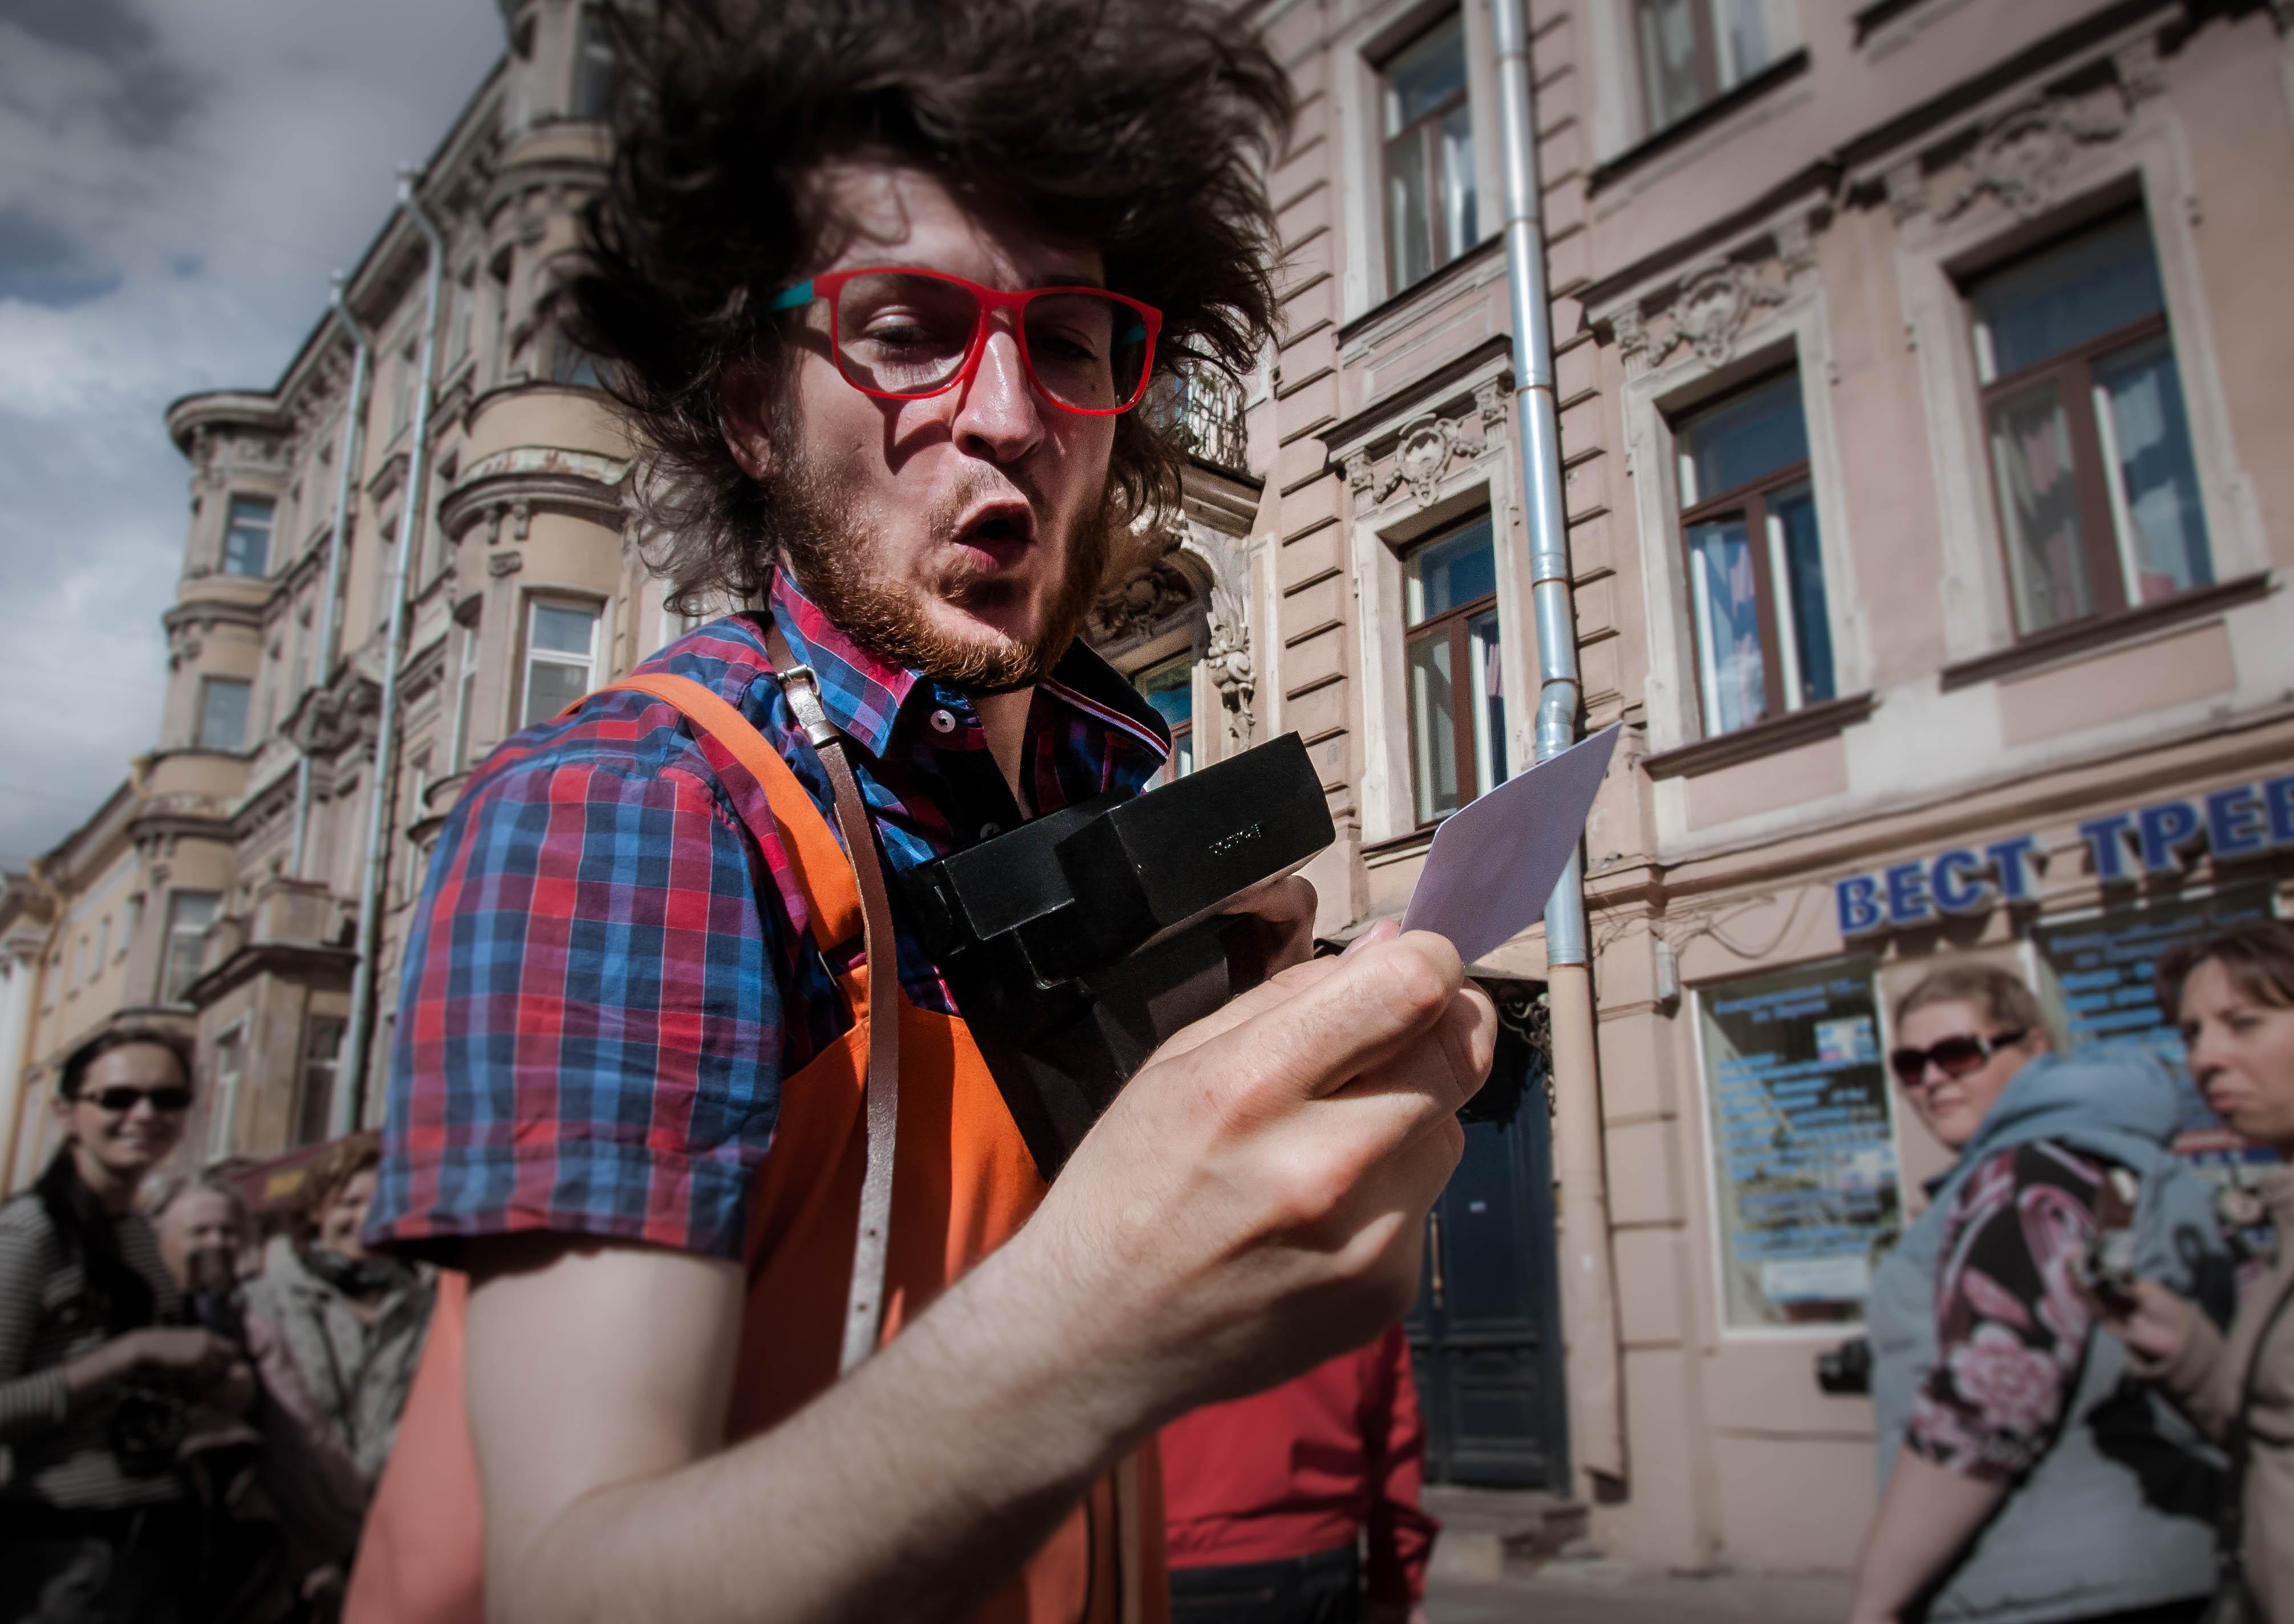 e dell'Est, i suonatori di strada a San Pietroburgo